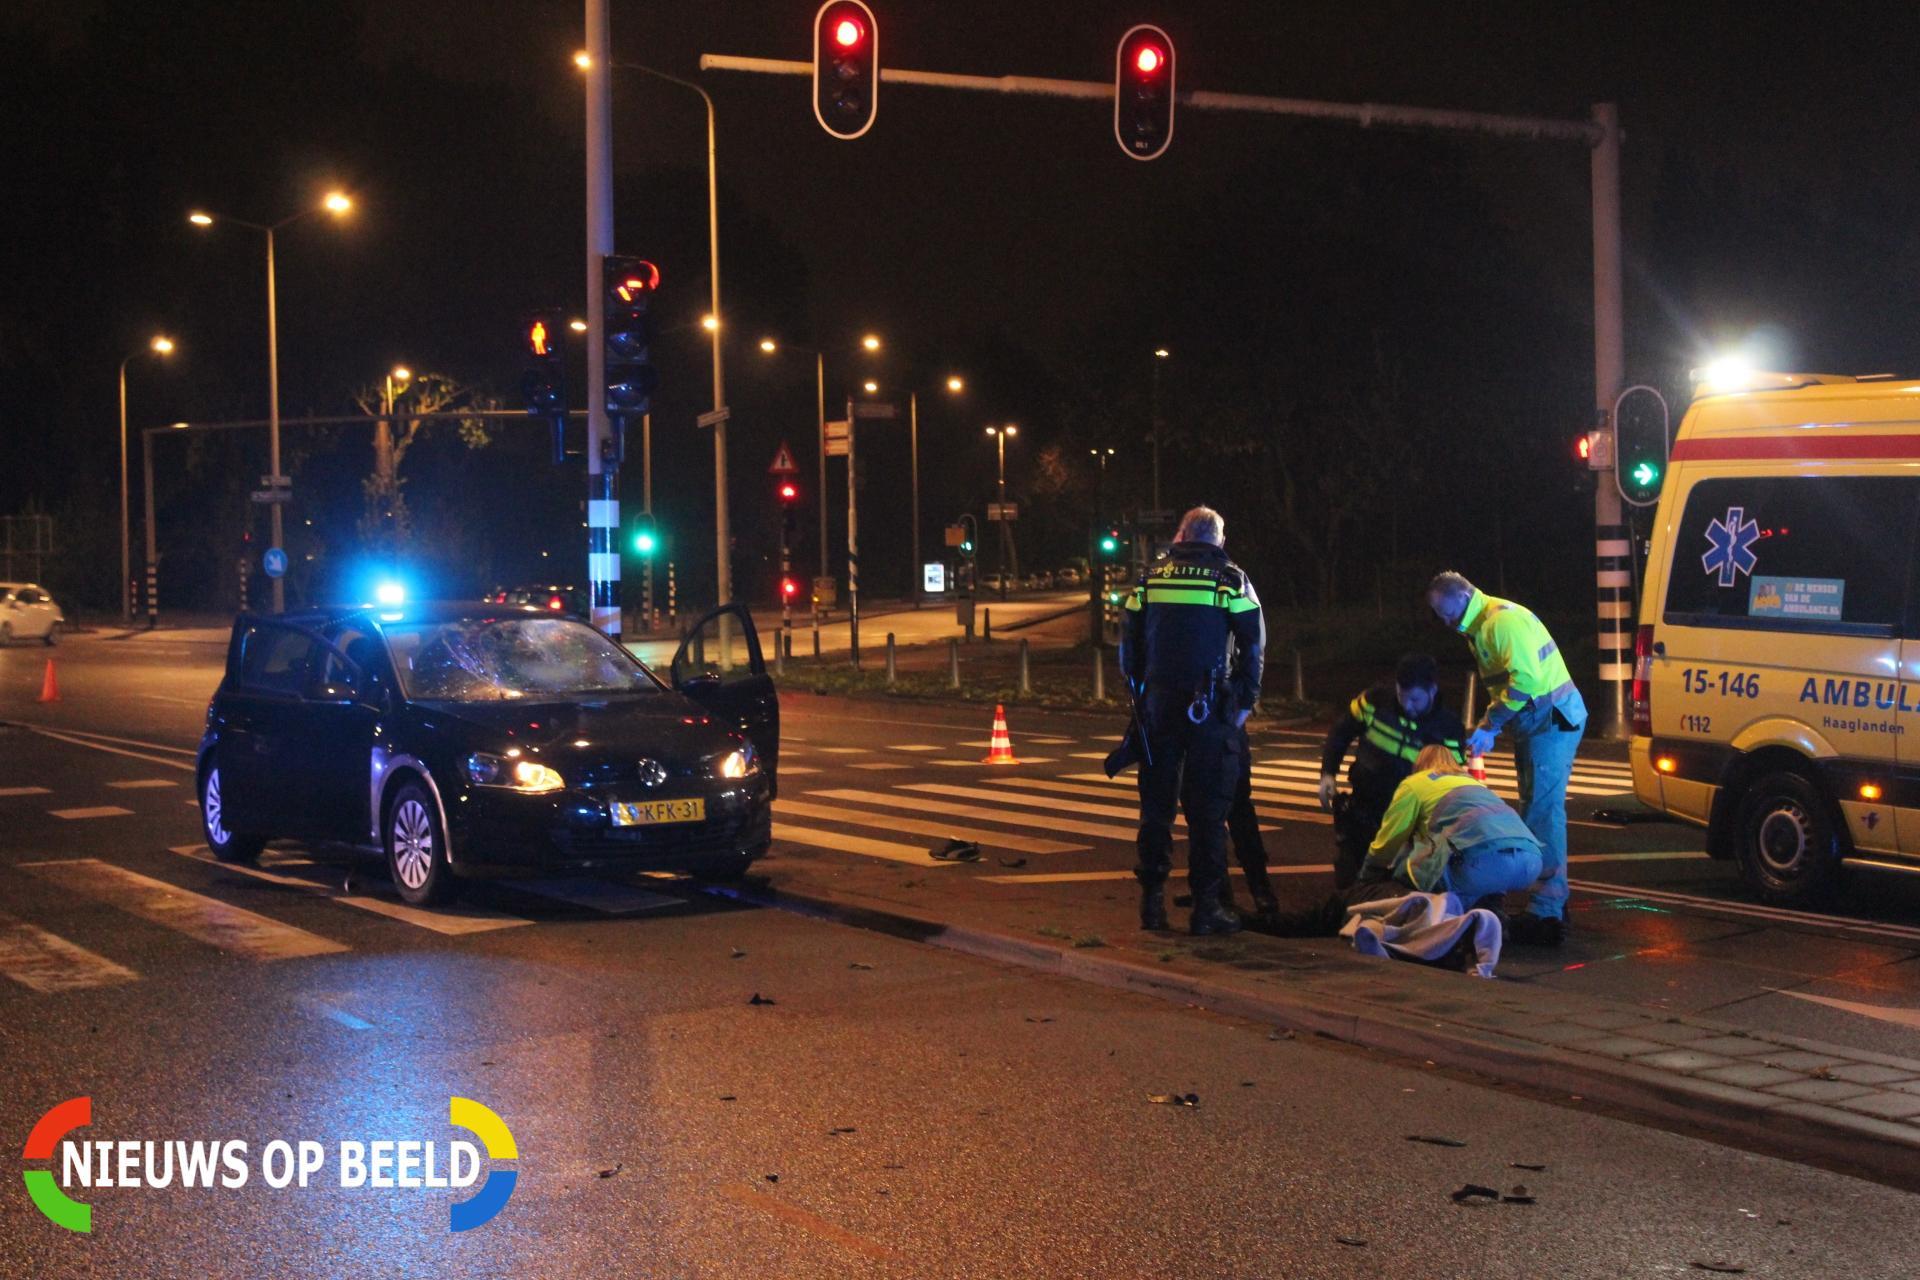 Flinke aanrijding tussen een politiewagen en een scooter Troelstrakade Den Haag